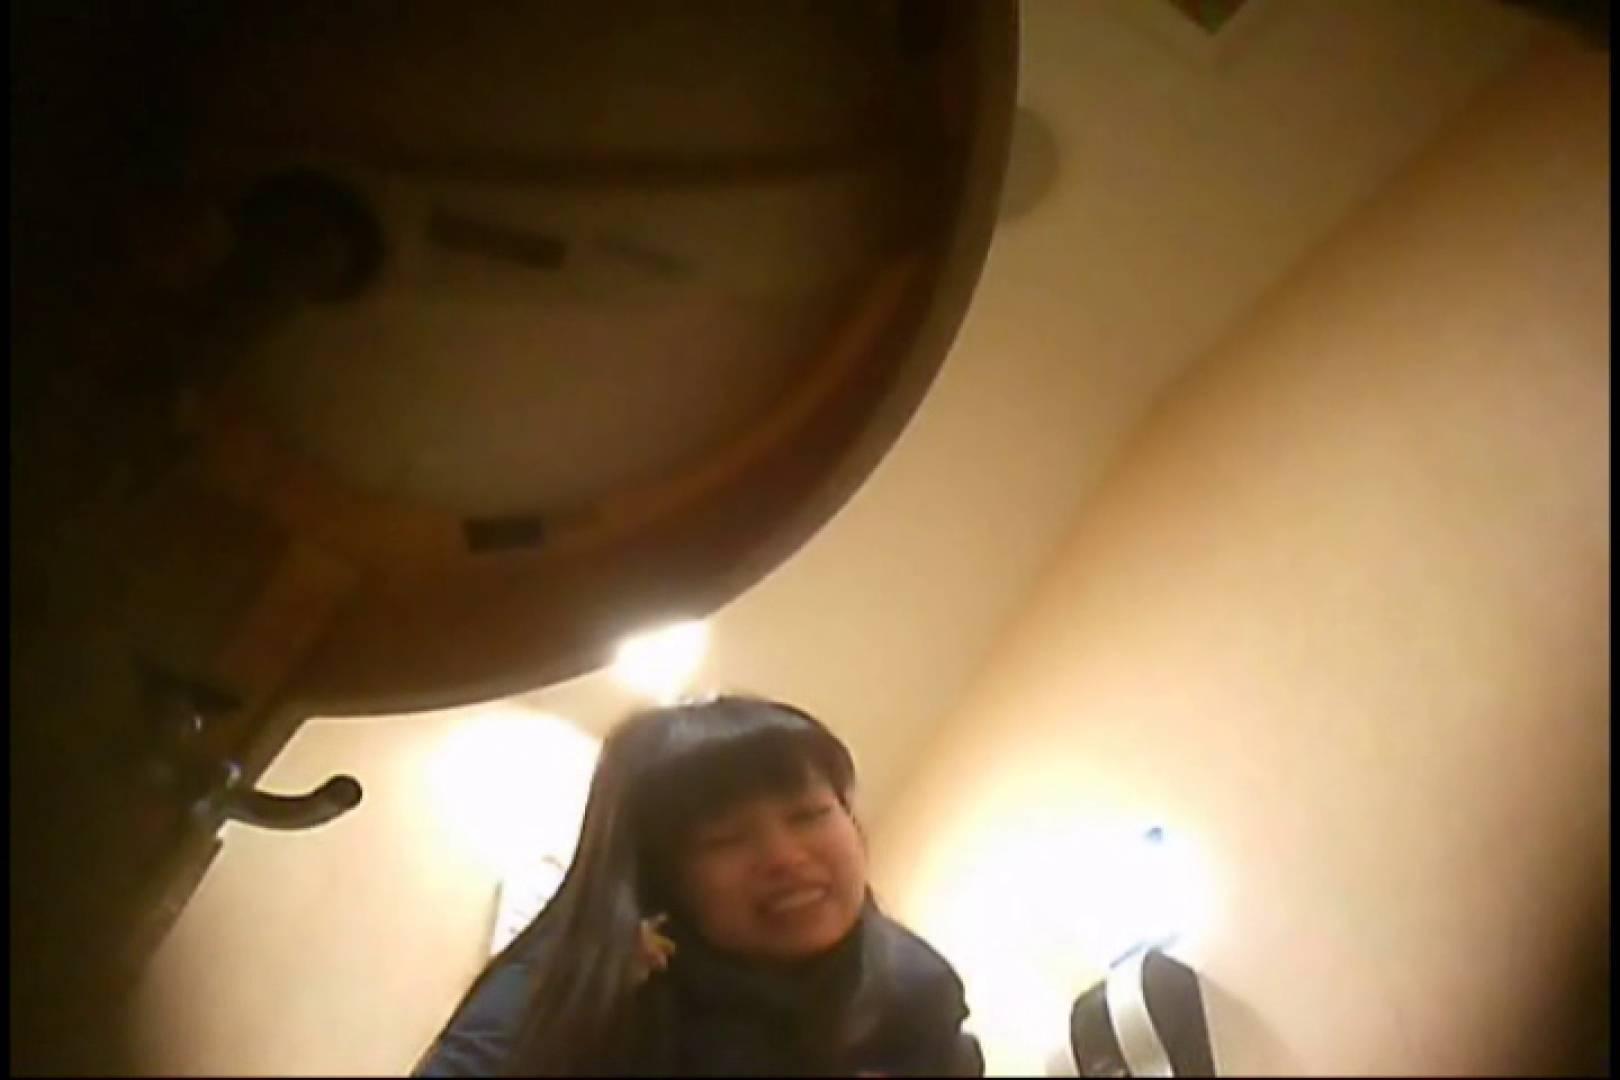 潜入!!女子化粧室盗撮~絶対見られたくない時間~vo,78 潜入シリーズ   お尻  90pic 27